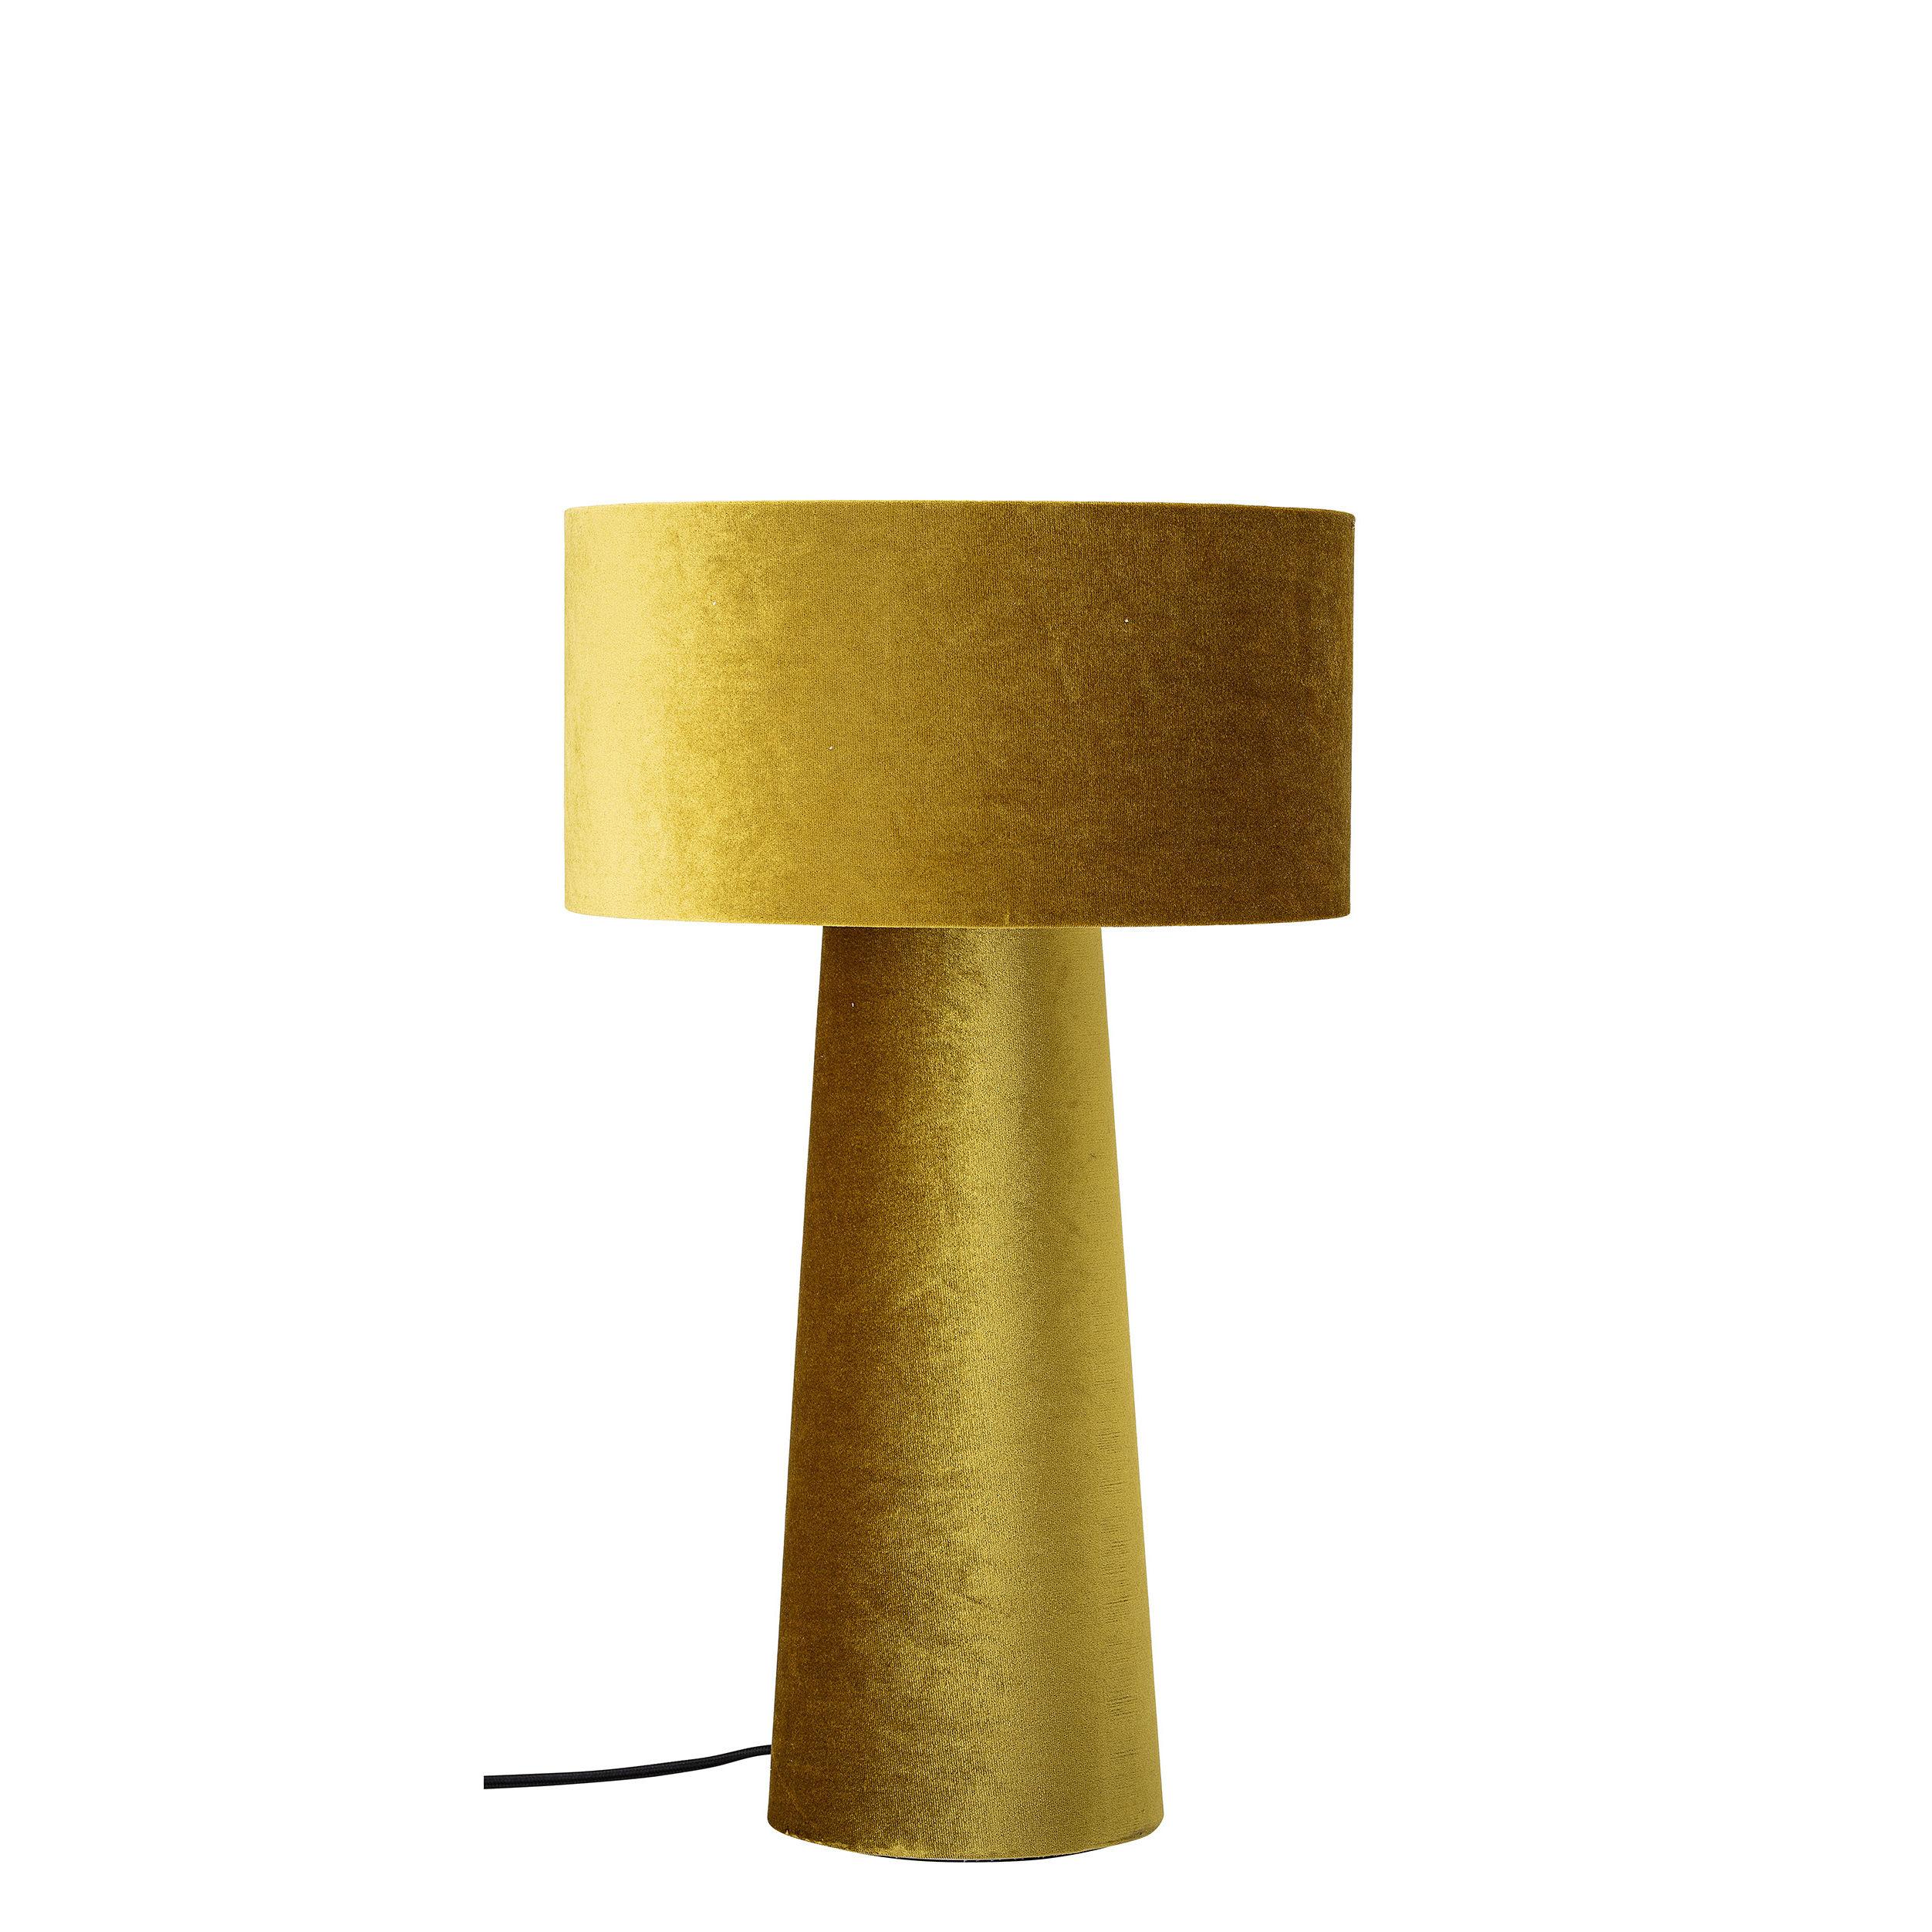 Leuchten - Tischleuchten - Tischleuchte / Samt - H 50 cm - Bloomingville - Goldgelb - Metall, Velours